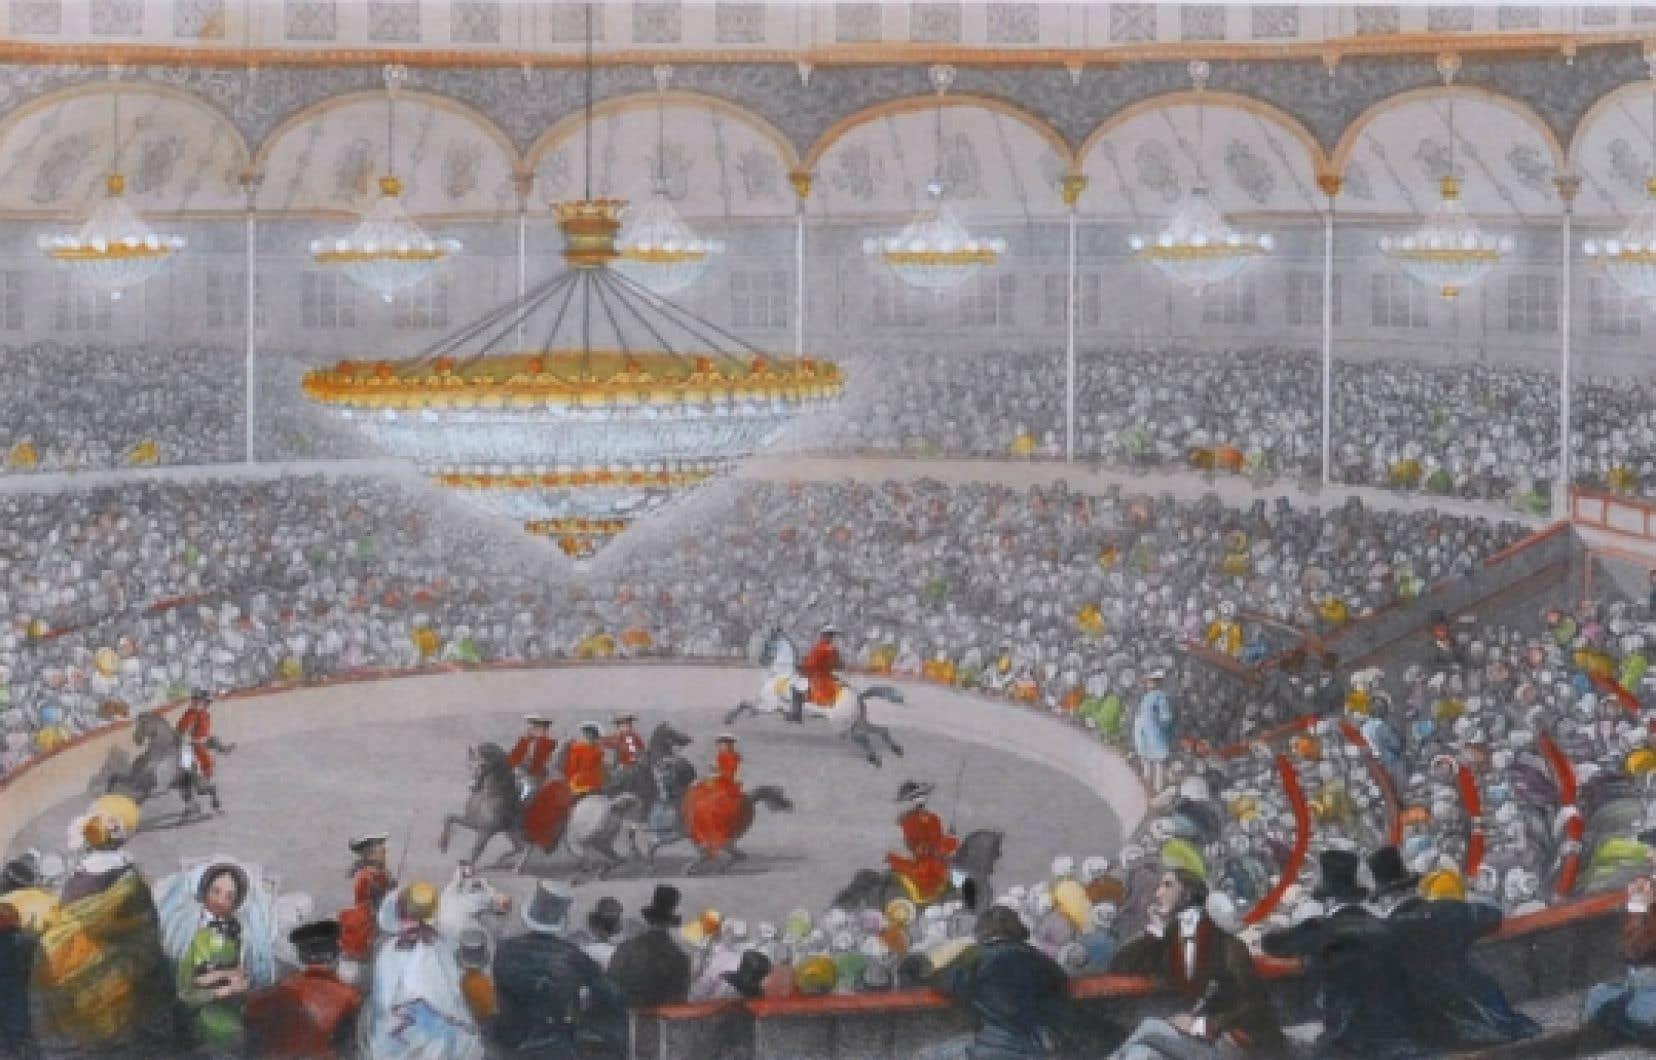 Cirque de l'Impératrice, estampe de Lami, 1845, tiré de l'exposition Du permanent à l'éphémère: espaces de cirque.